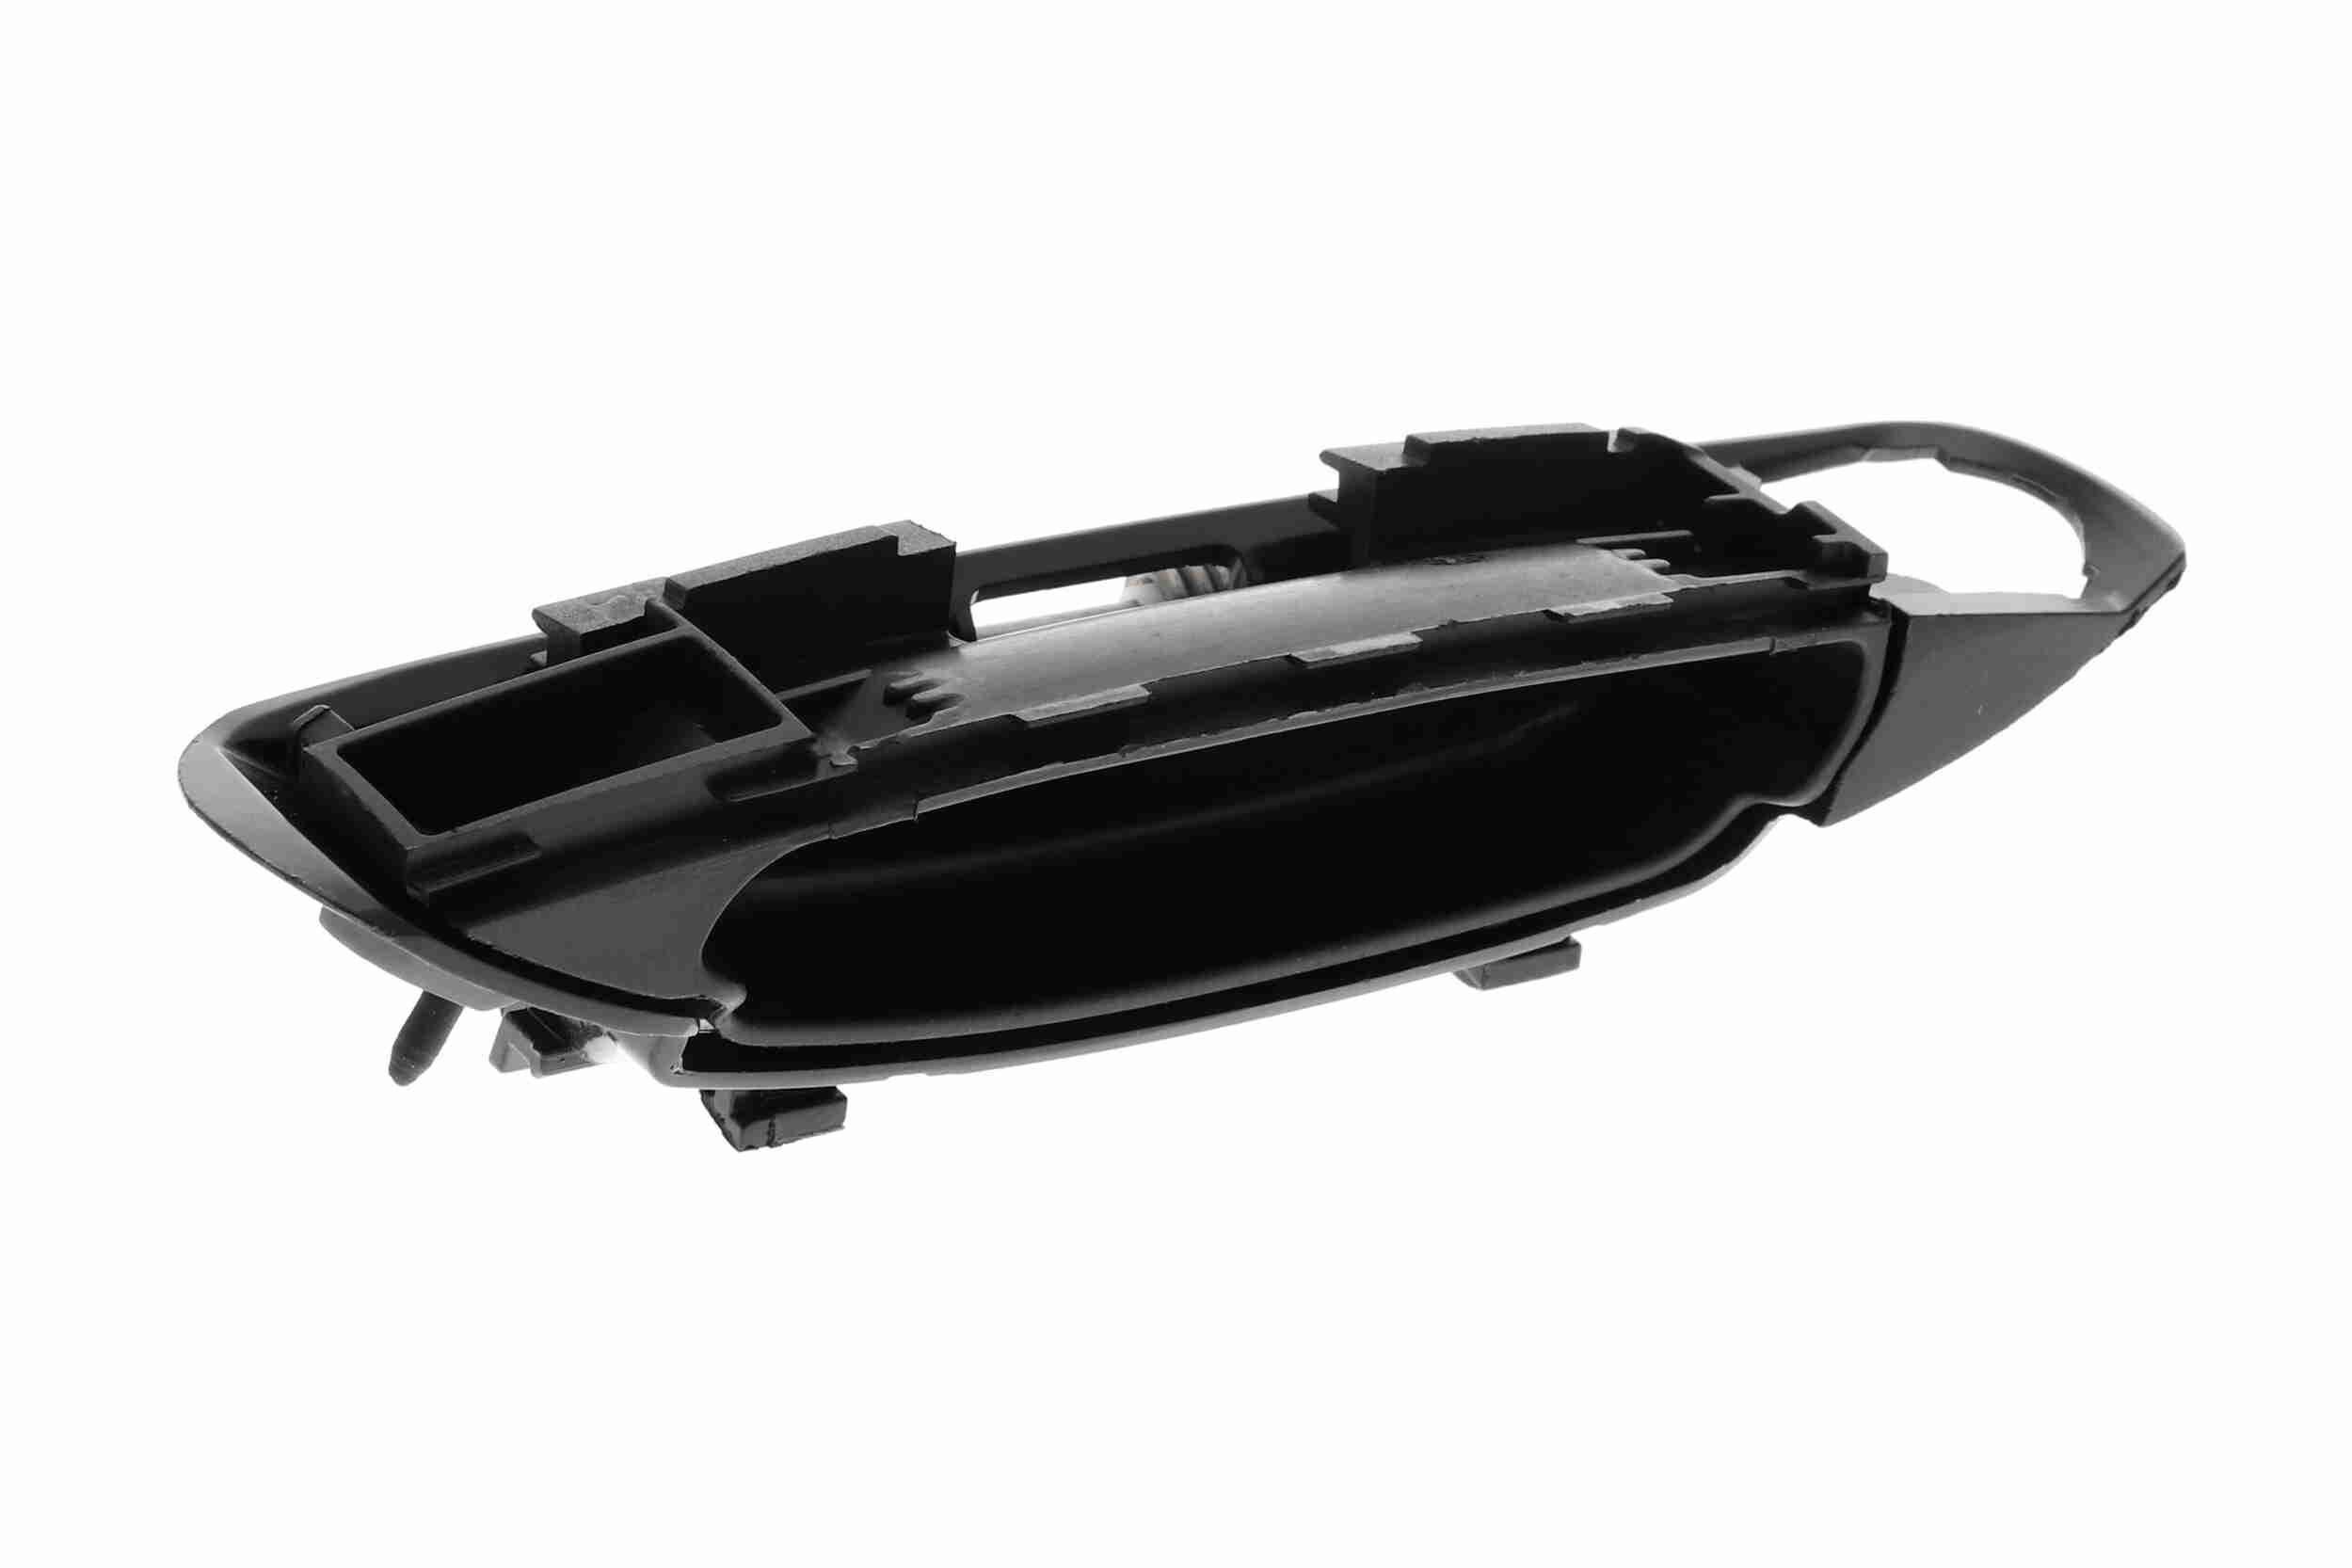 AUDI A3 2011 Schiebetürgriff - Original VAICO V10-6650